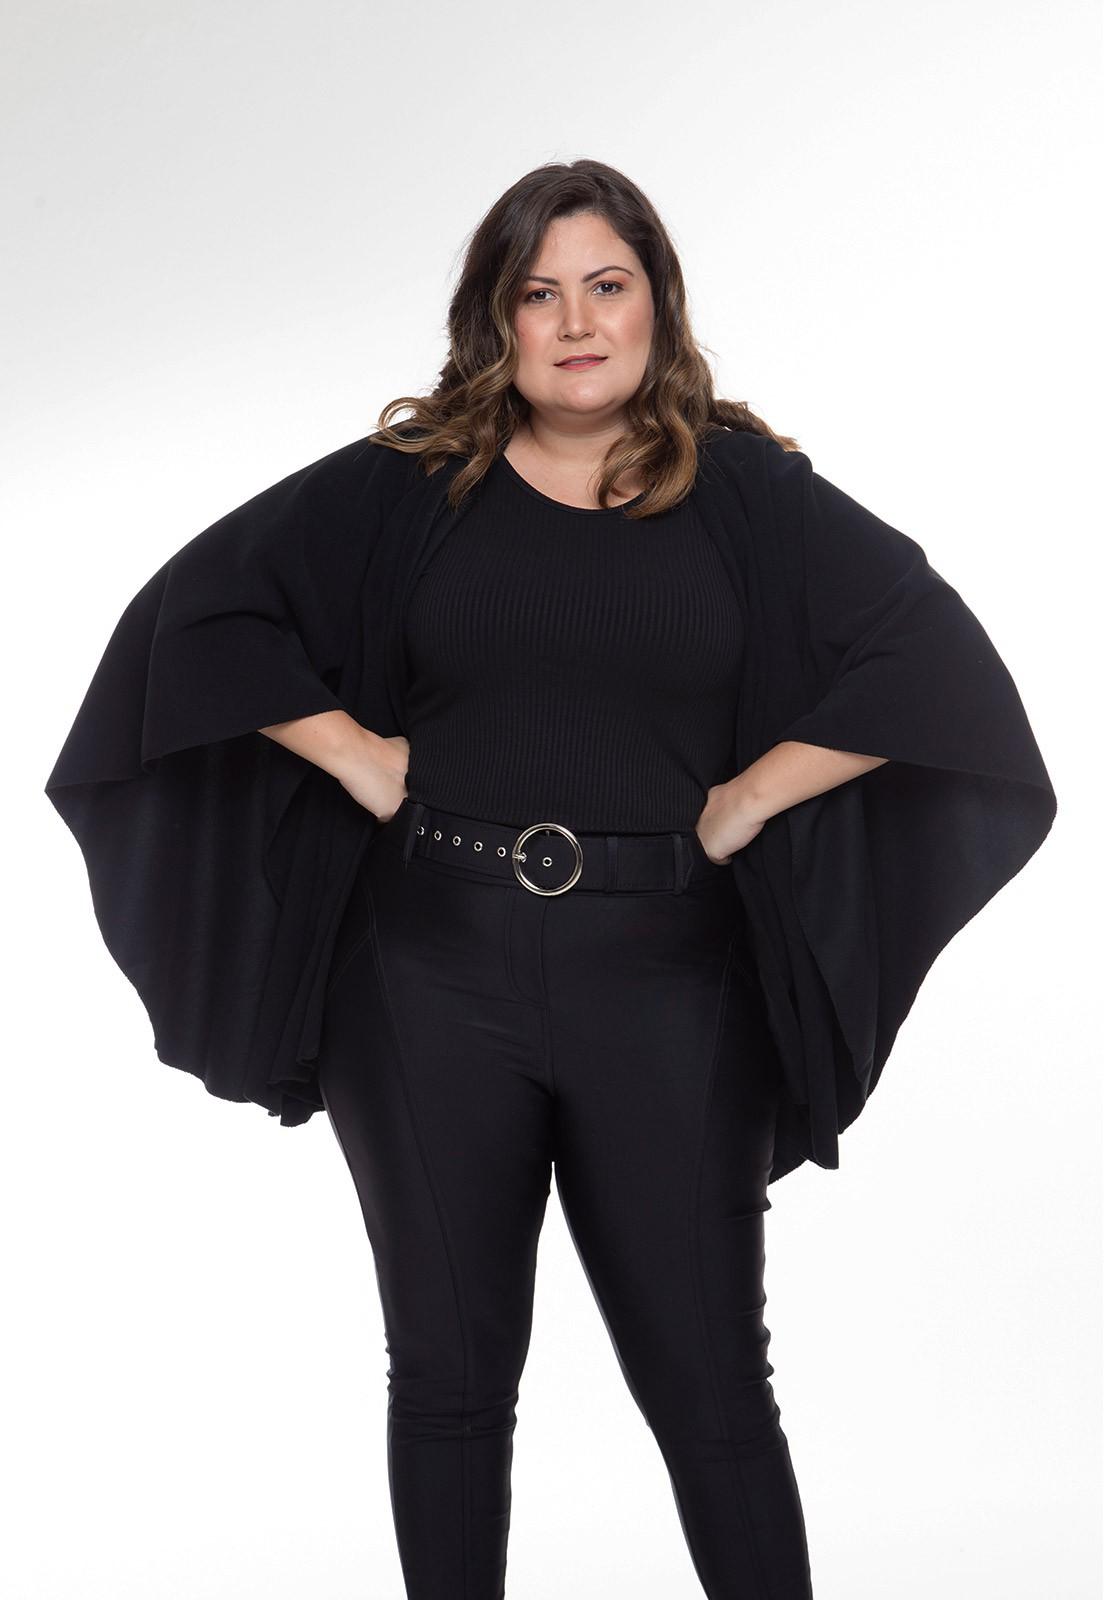 Pelerine em soft preto